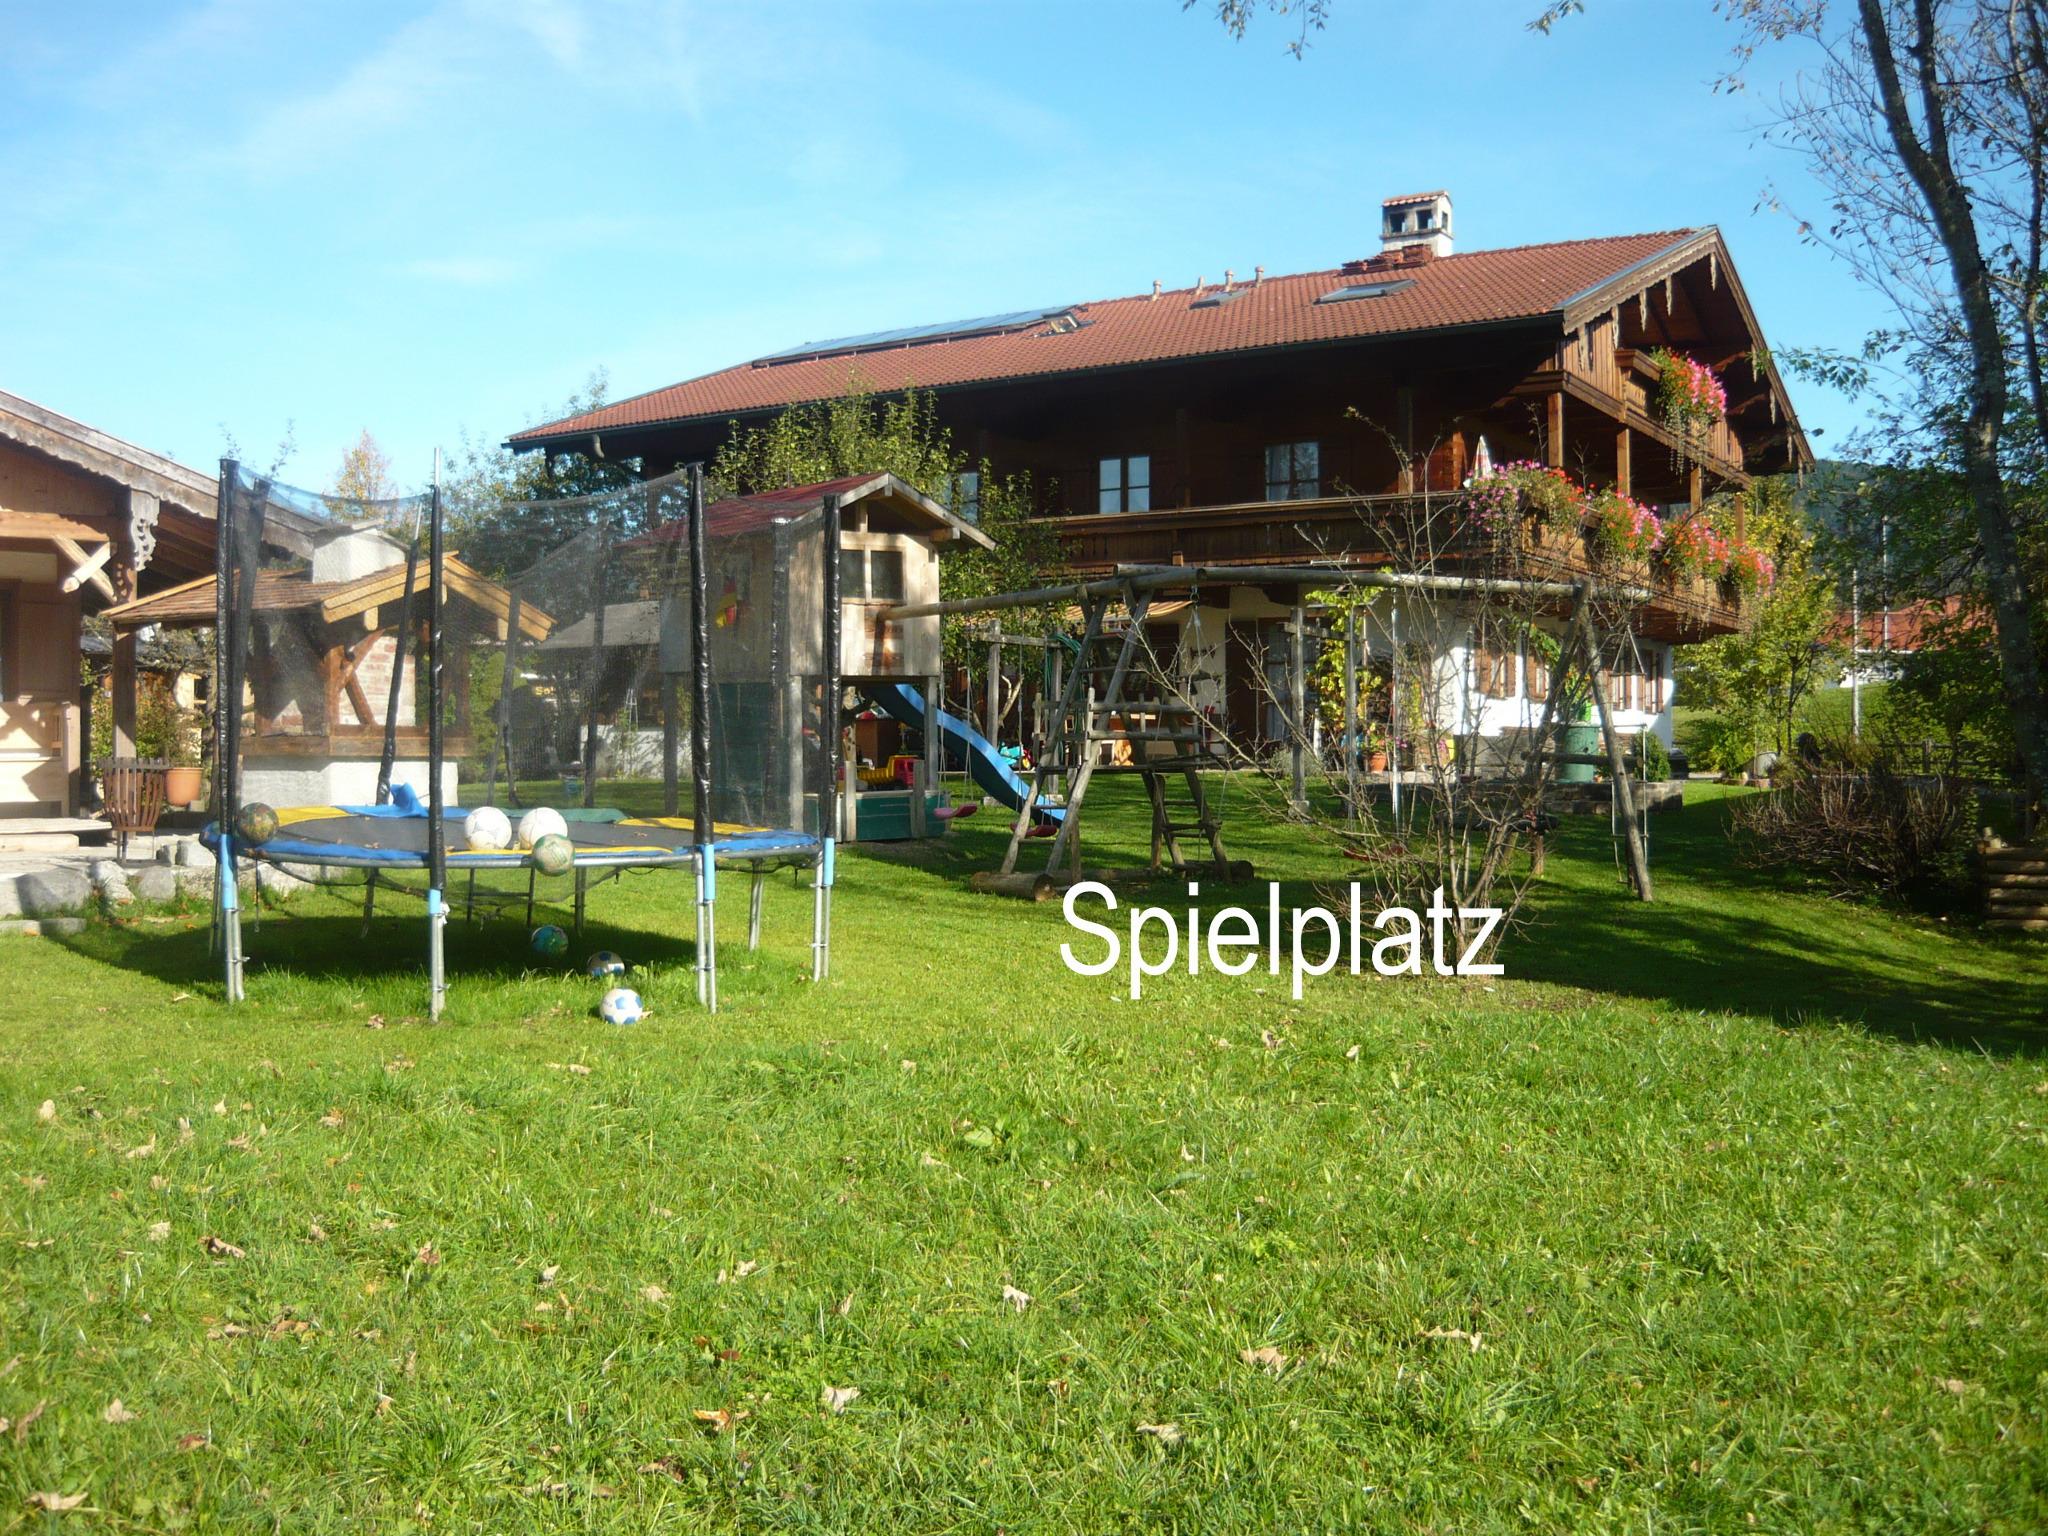 Appartement de vacances Gästehaus Kress - Chiemgau Karte (DE Inzell). Ferienwohnung 2 für 4 Personen, 1 Schlaf- un (712315), Inzell, Chiemgau, Bavière, Allemagne, image 8